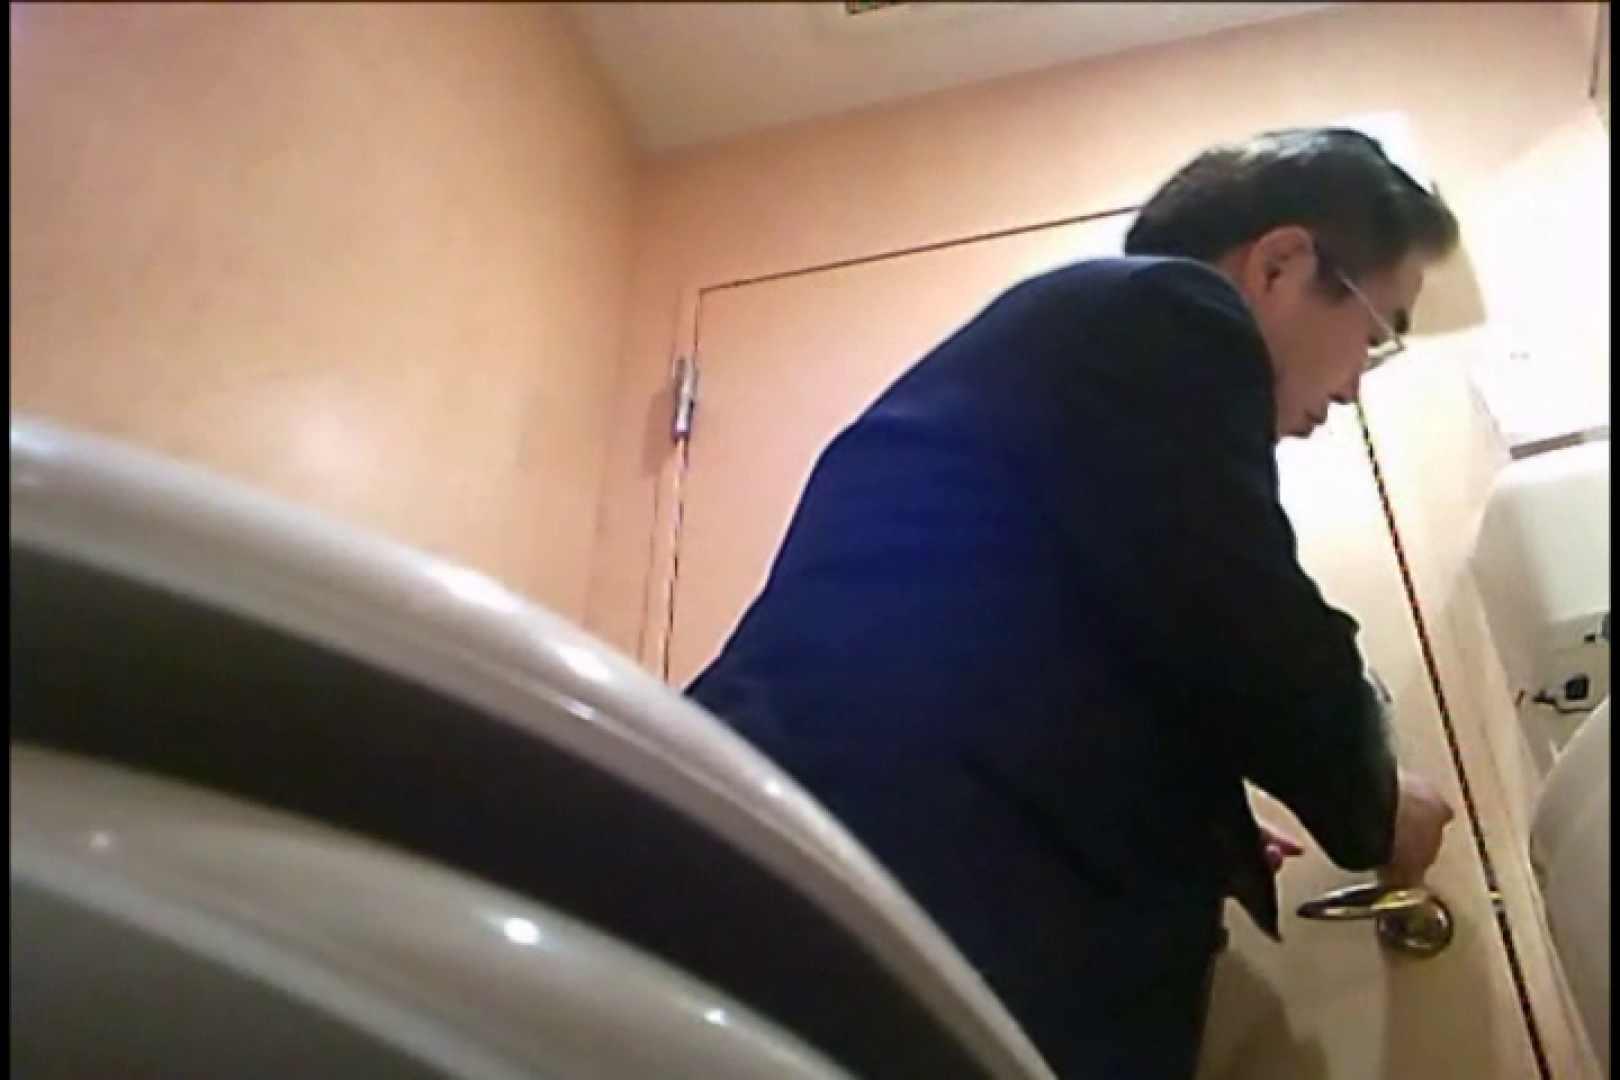 Gボーイ初投稿!掴み取りさんの洗面所覗き!in新幹線!VOL.05 おやじ熊系男子 ゲイアダルト画像 96枚 38